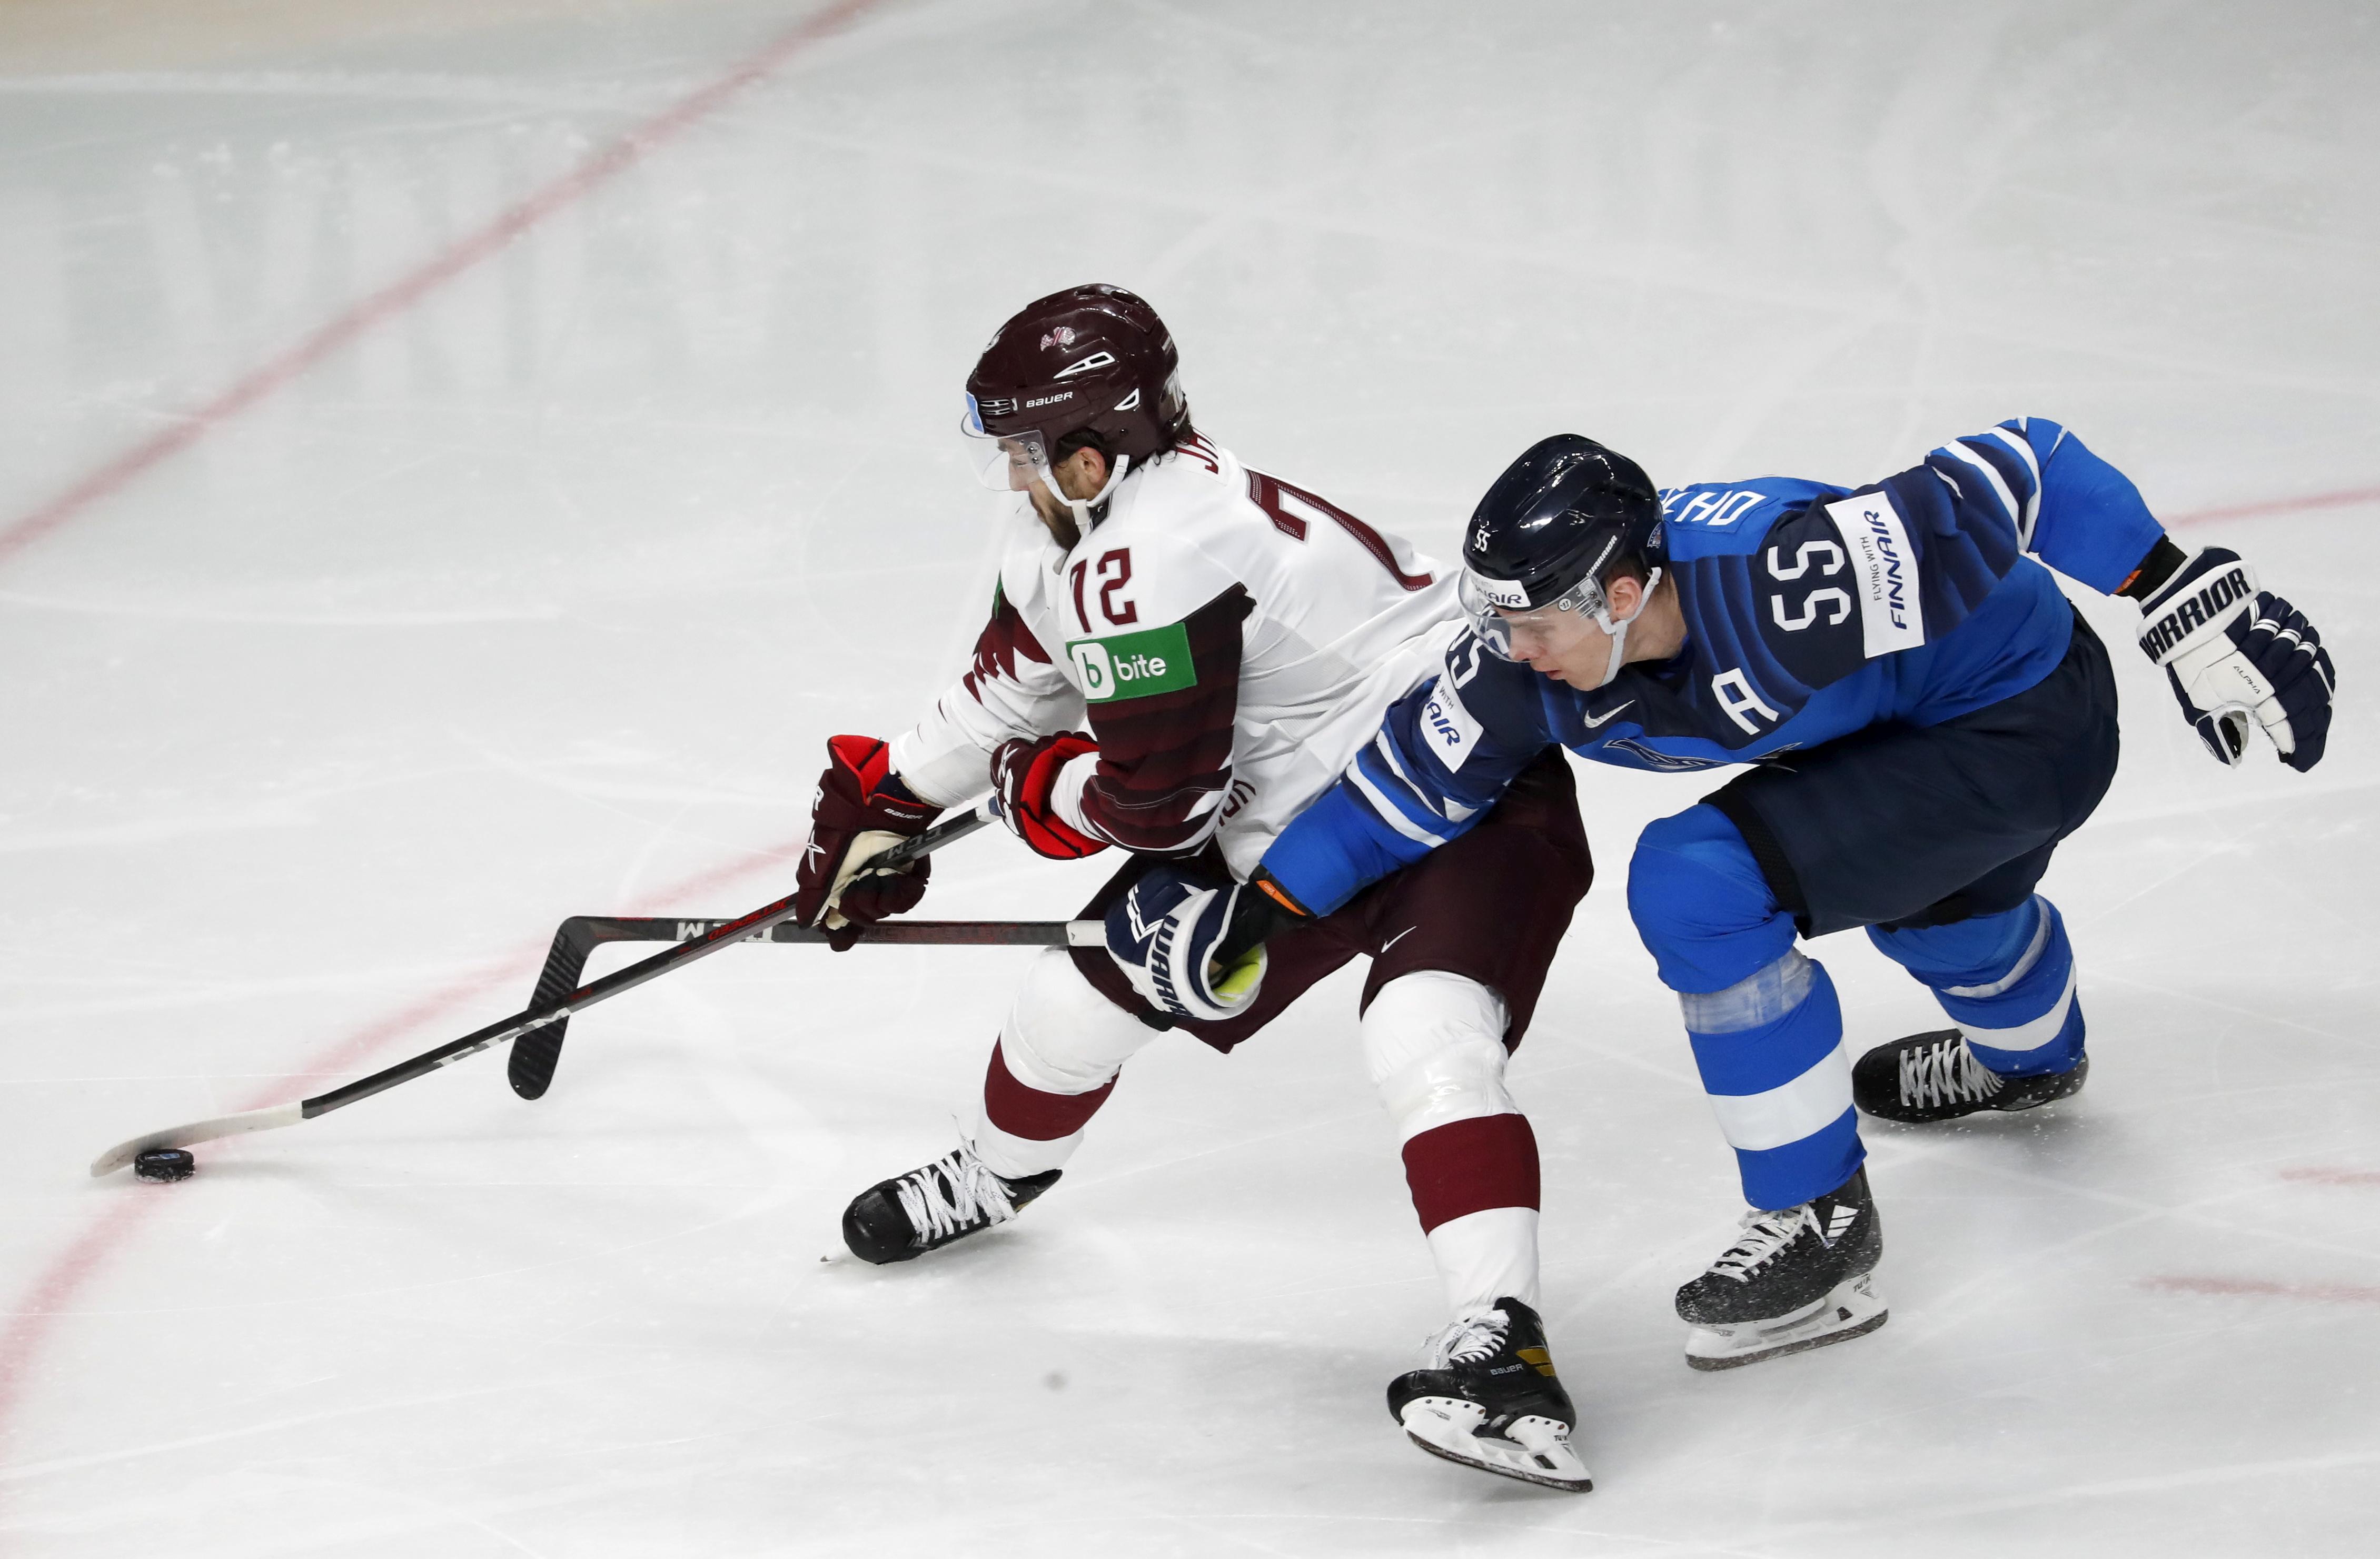 Latvijas izlases hokejists Jānis Jaks atzīts par KHL pirmās nedēļas labāko aizsargu